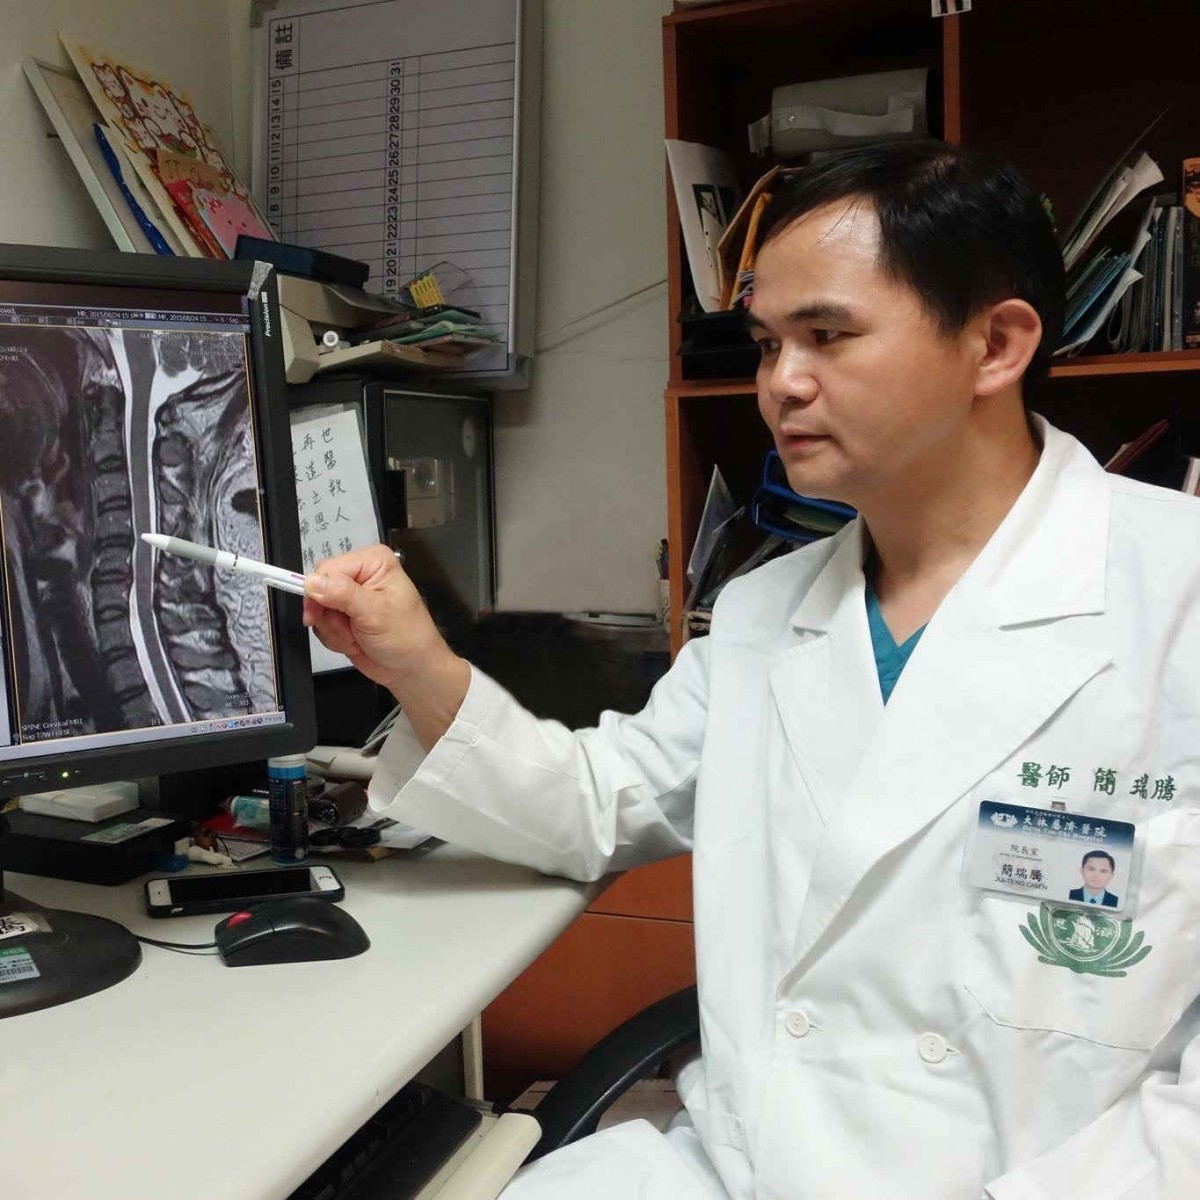 骨健康新鈣念 大林慈濟醫院副院長簡瑞騰分享醫療見聞